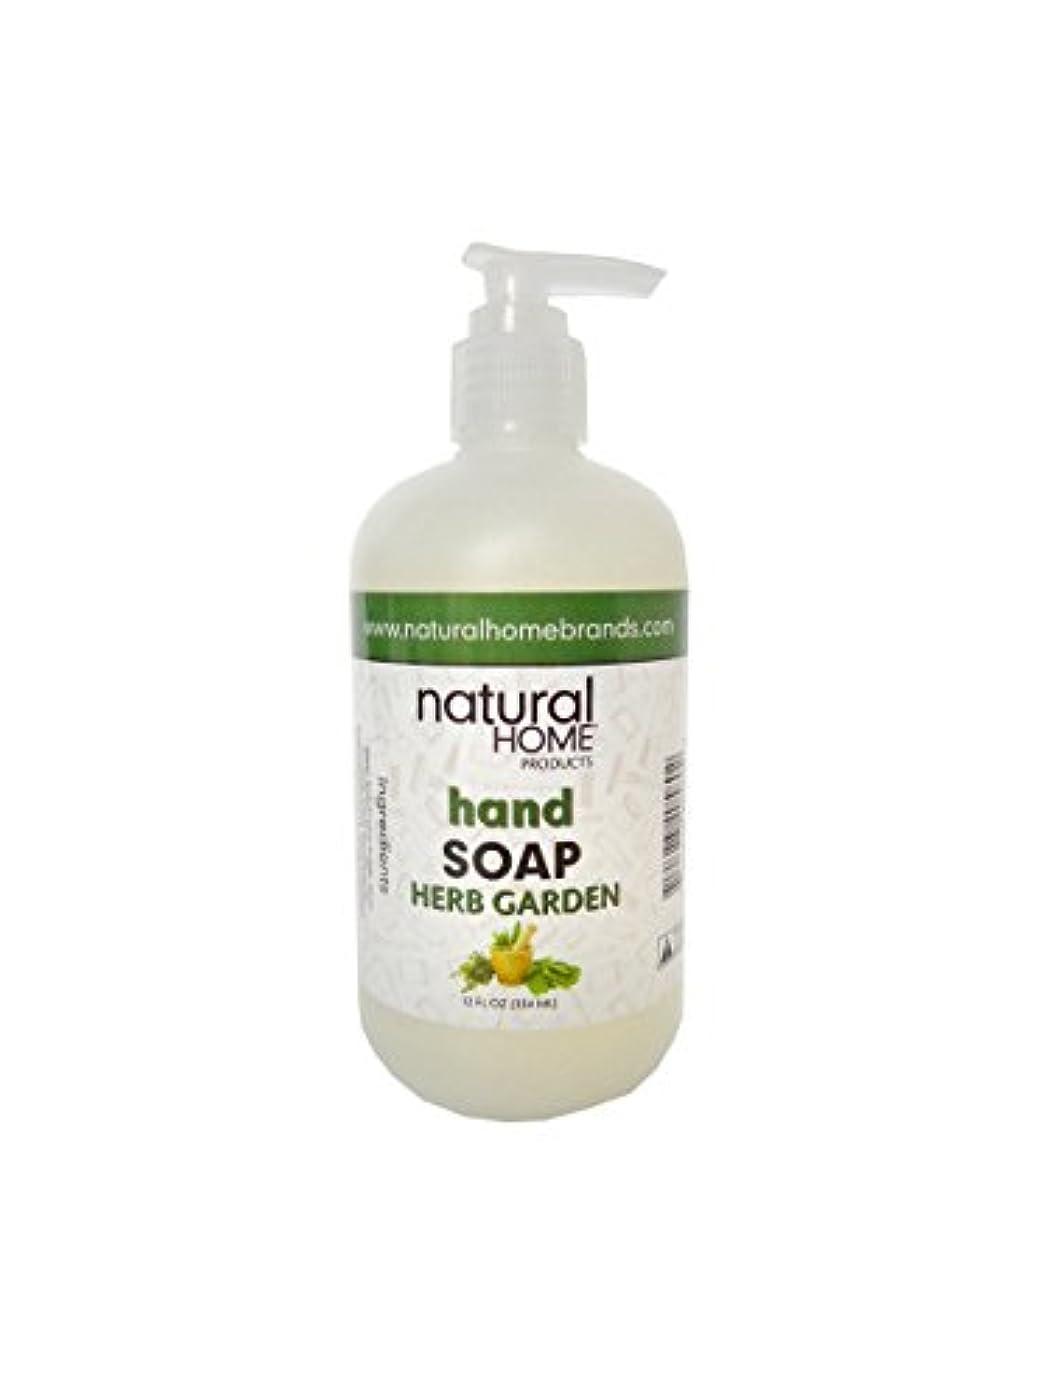 差別化する逸話枝Natural Home Herb Garden Hand Soap, 350ml, Green